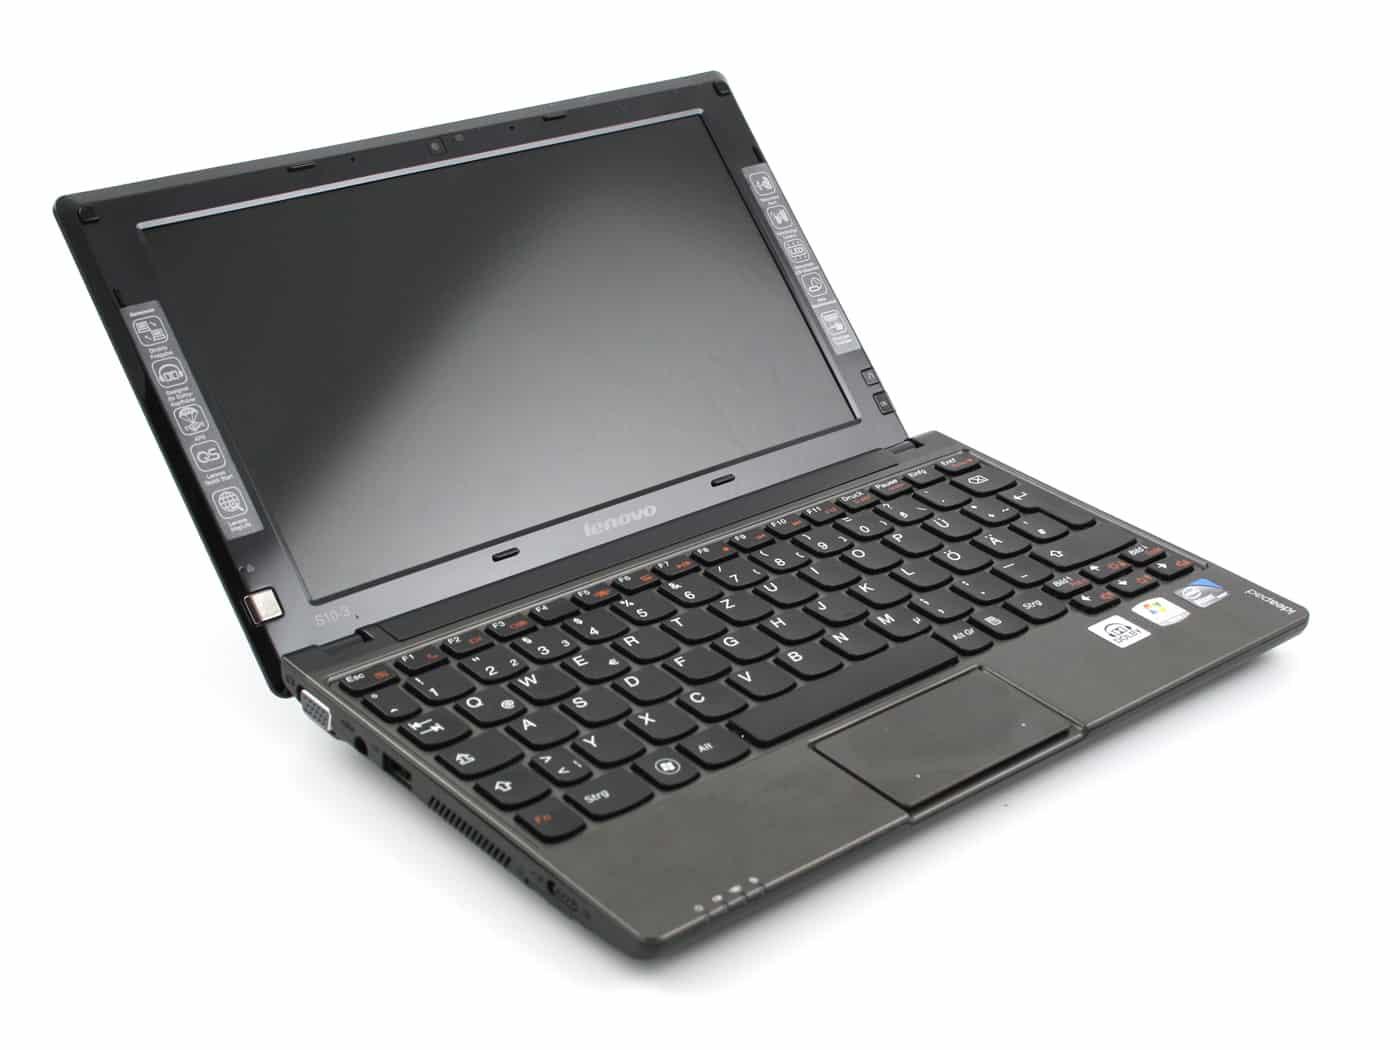 Lenovo-Ideapad-S10-3